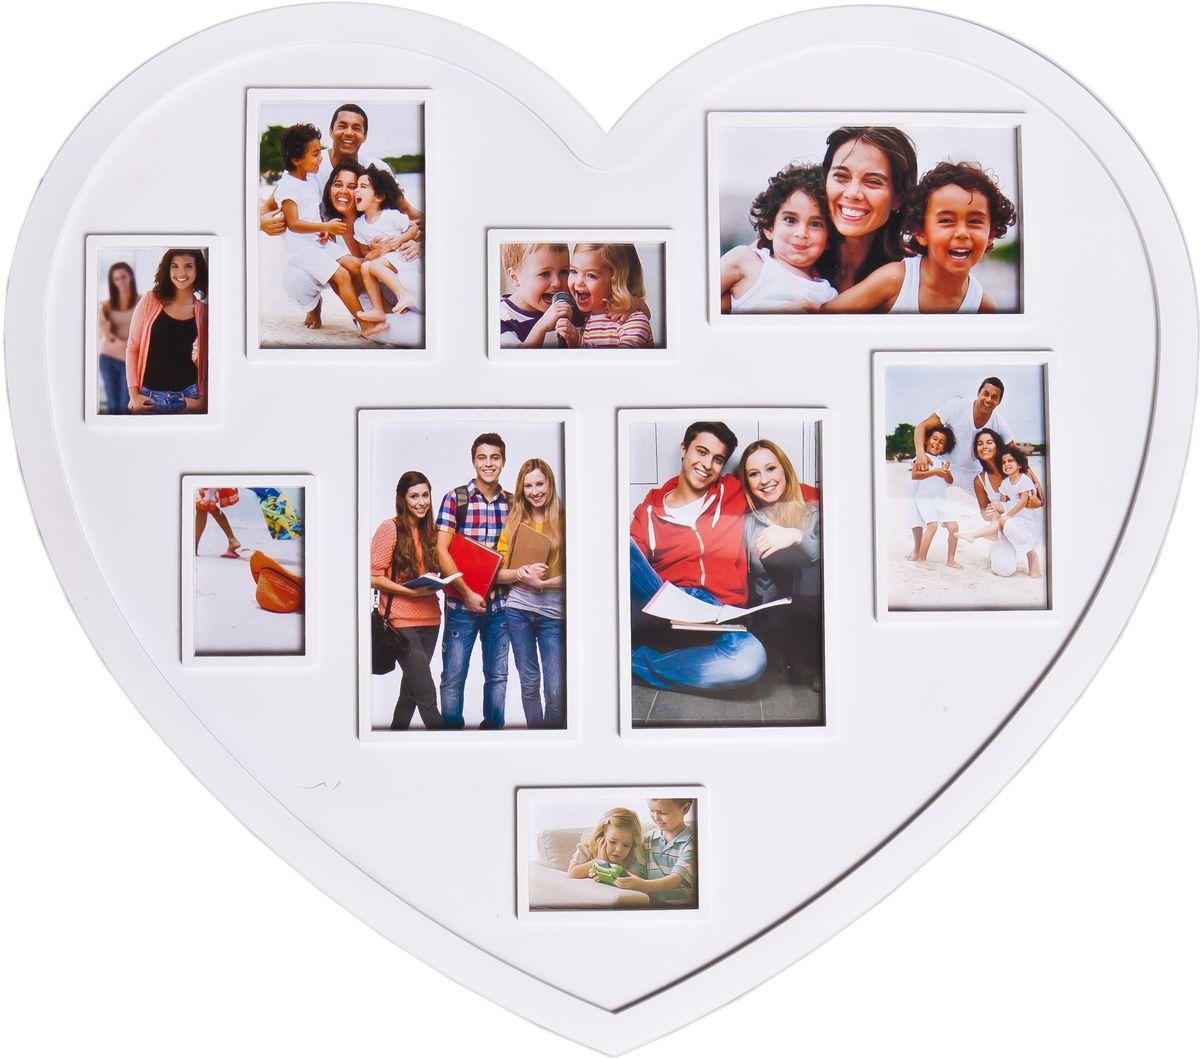 Фоторамка-коллаж Platinum, цвет: белый, на 9 фото фоторамка коллаж platinum 6 фото цвет бежевый